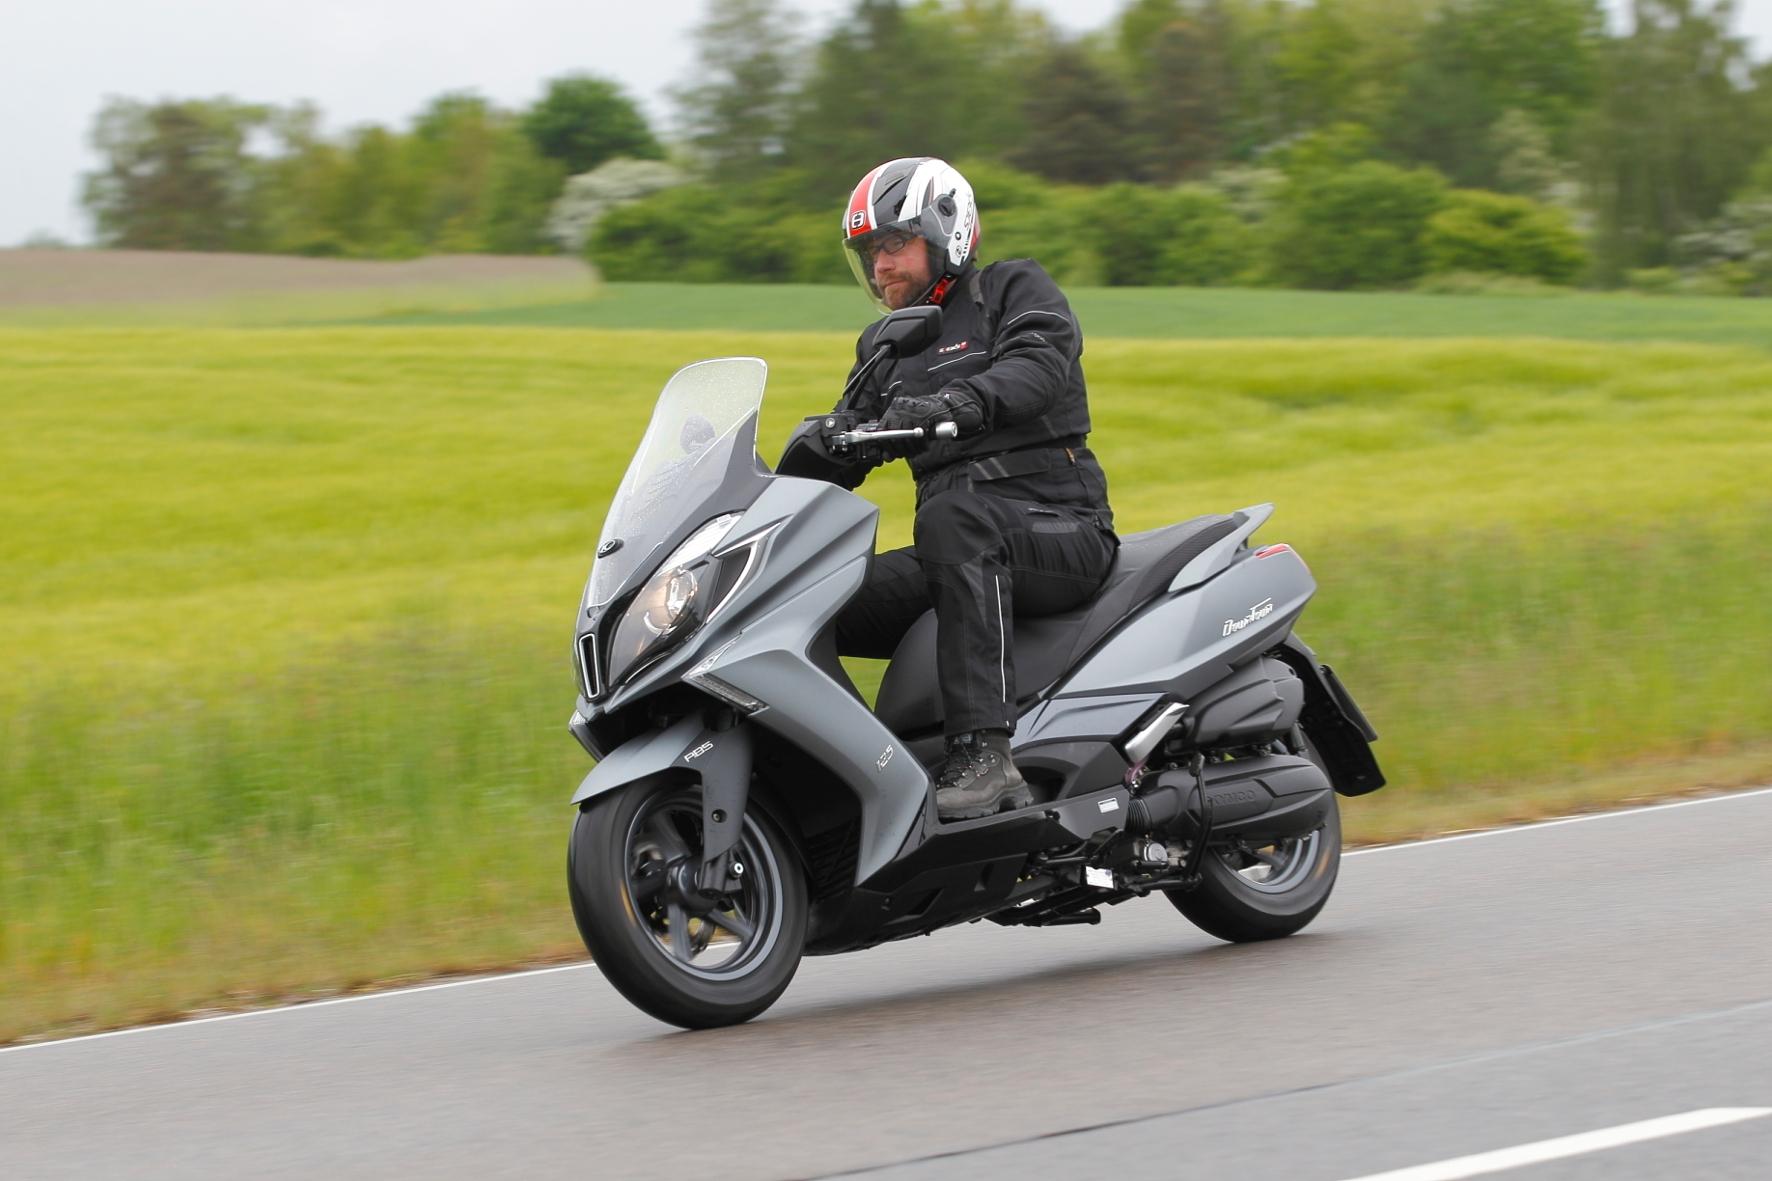 mid Groß-Gerau: Windschnittiger Bursche: Der neue Maxi-Roller Kymco New Downtown 125i ABS.